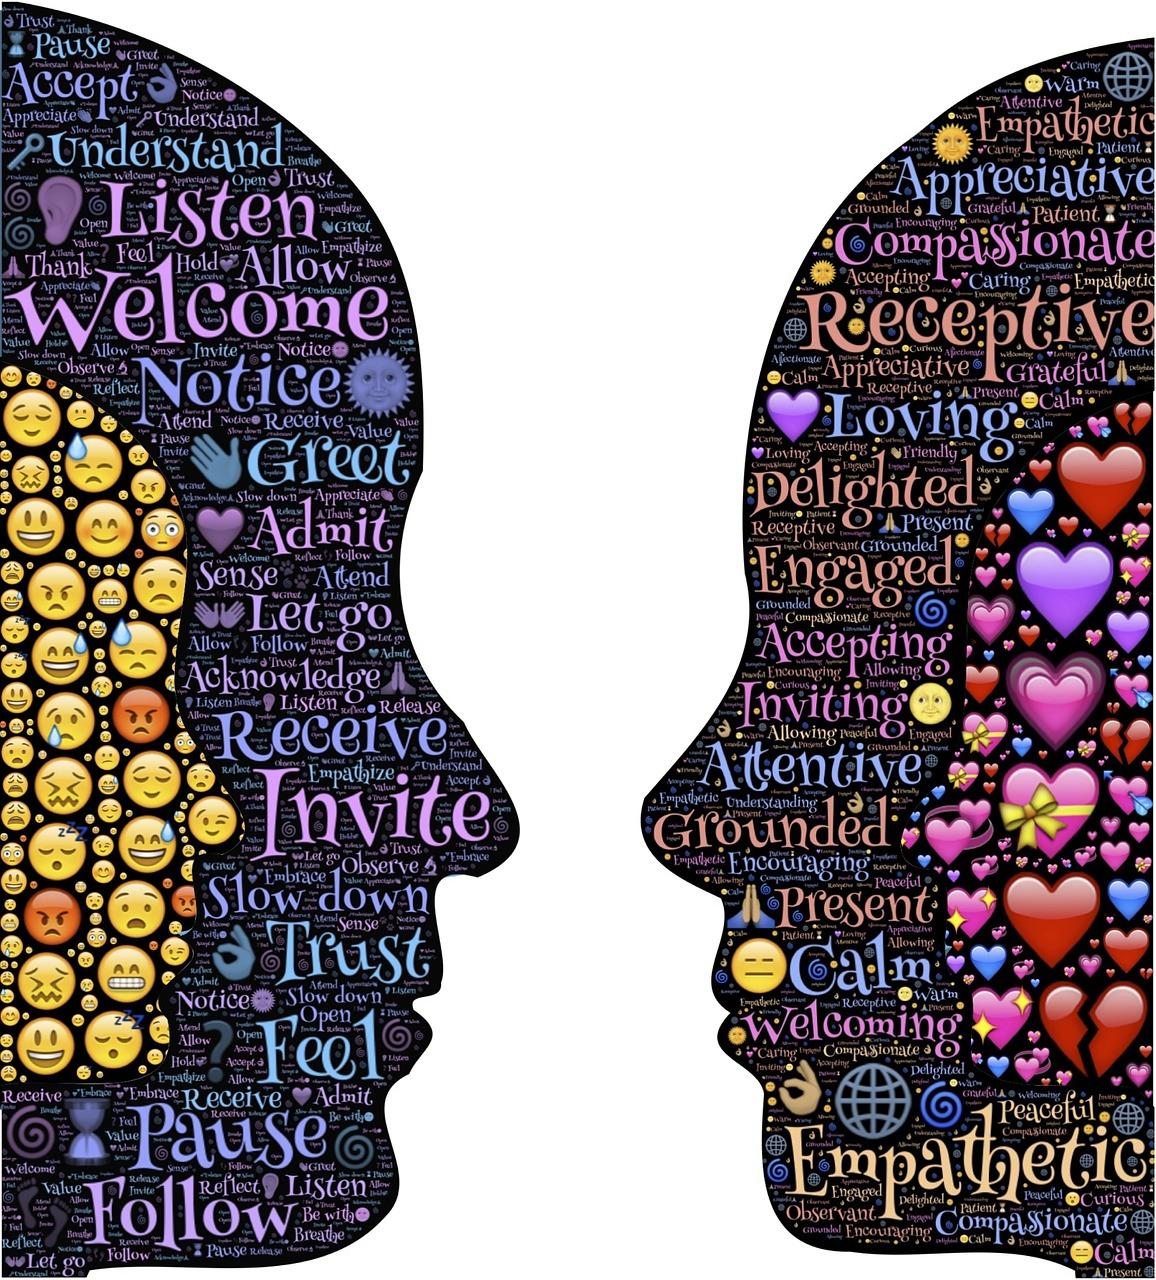 Compassione Ascolto Assistendo - Immagini gratis su Pixabay